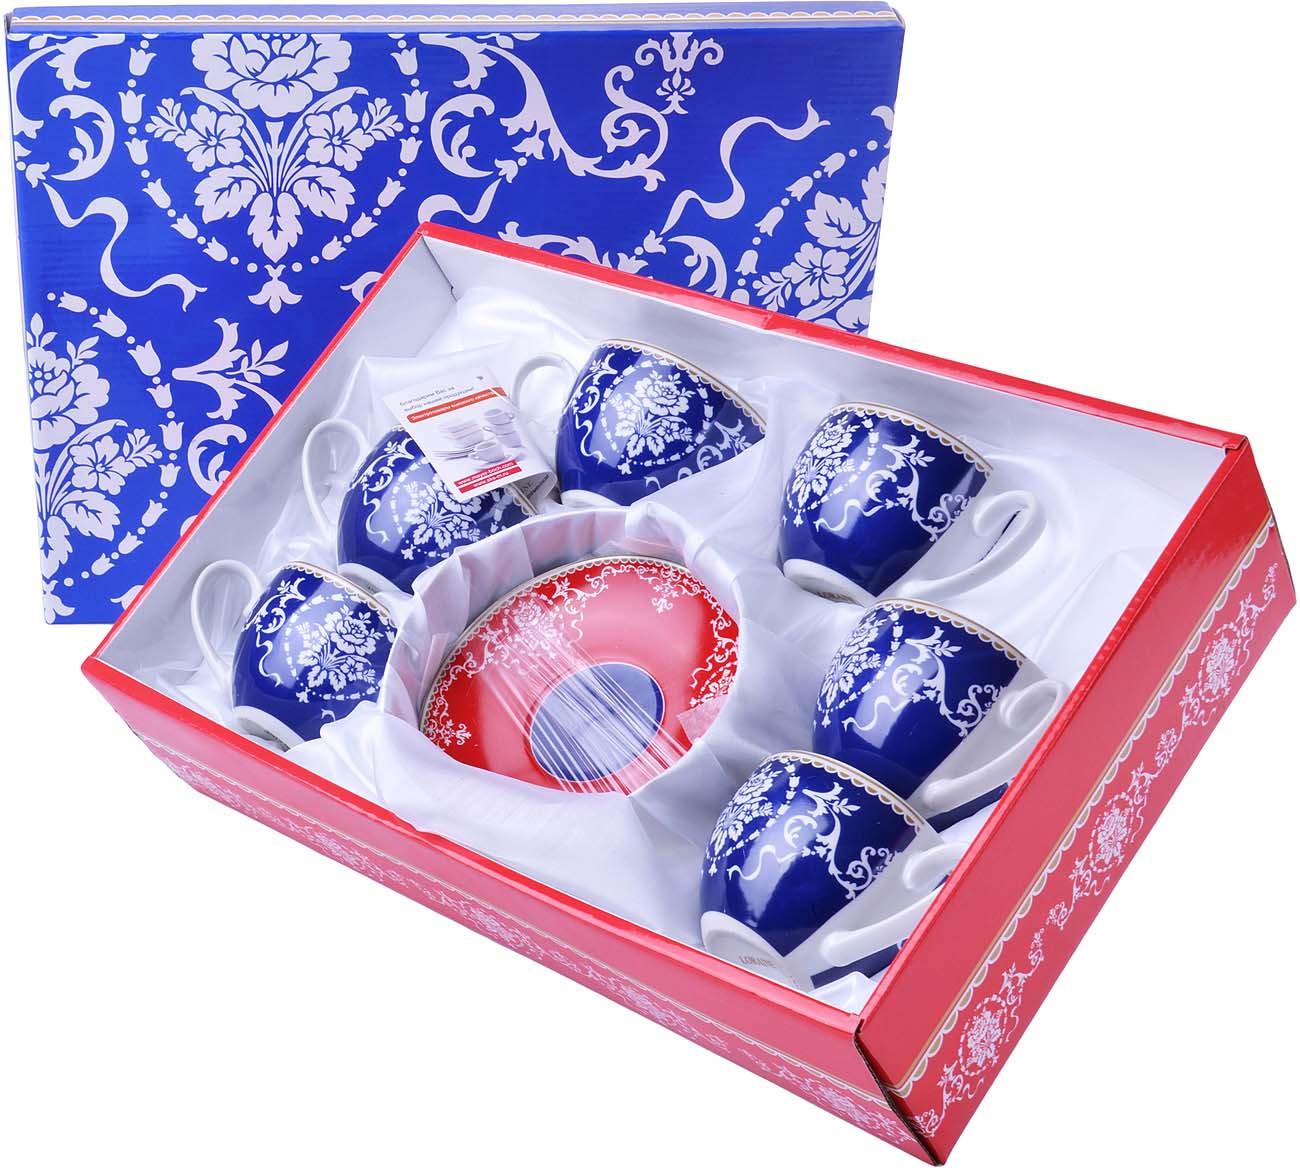 Сервиз чайный Loraine, цвет: синий, красный, белый, 12 предметов цены